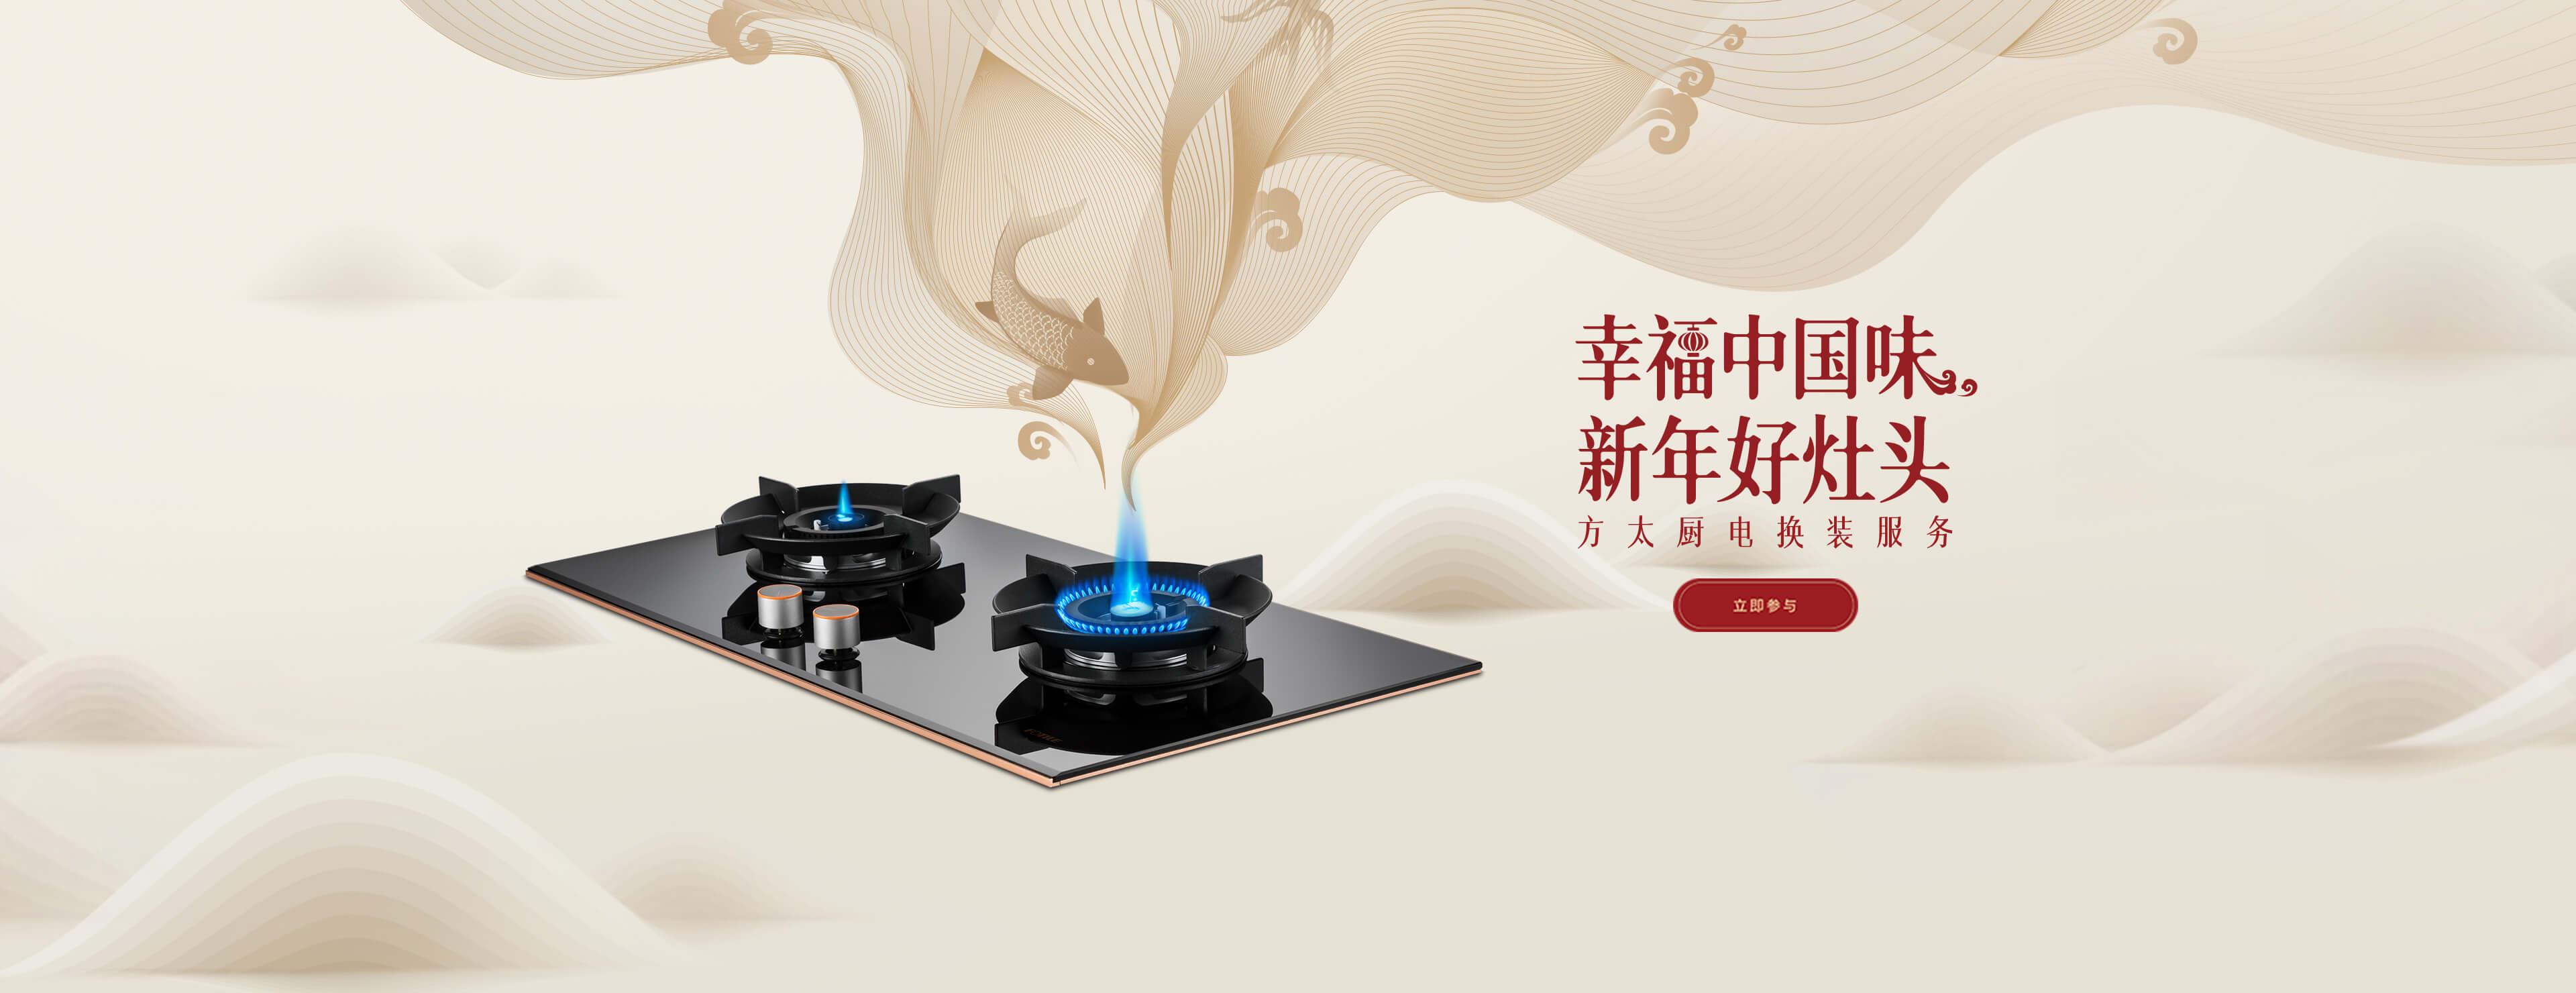 幸福中国味 新年好灶头